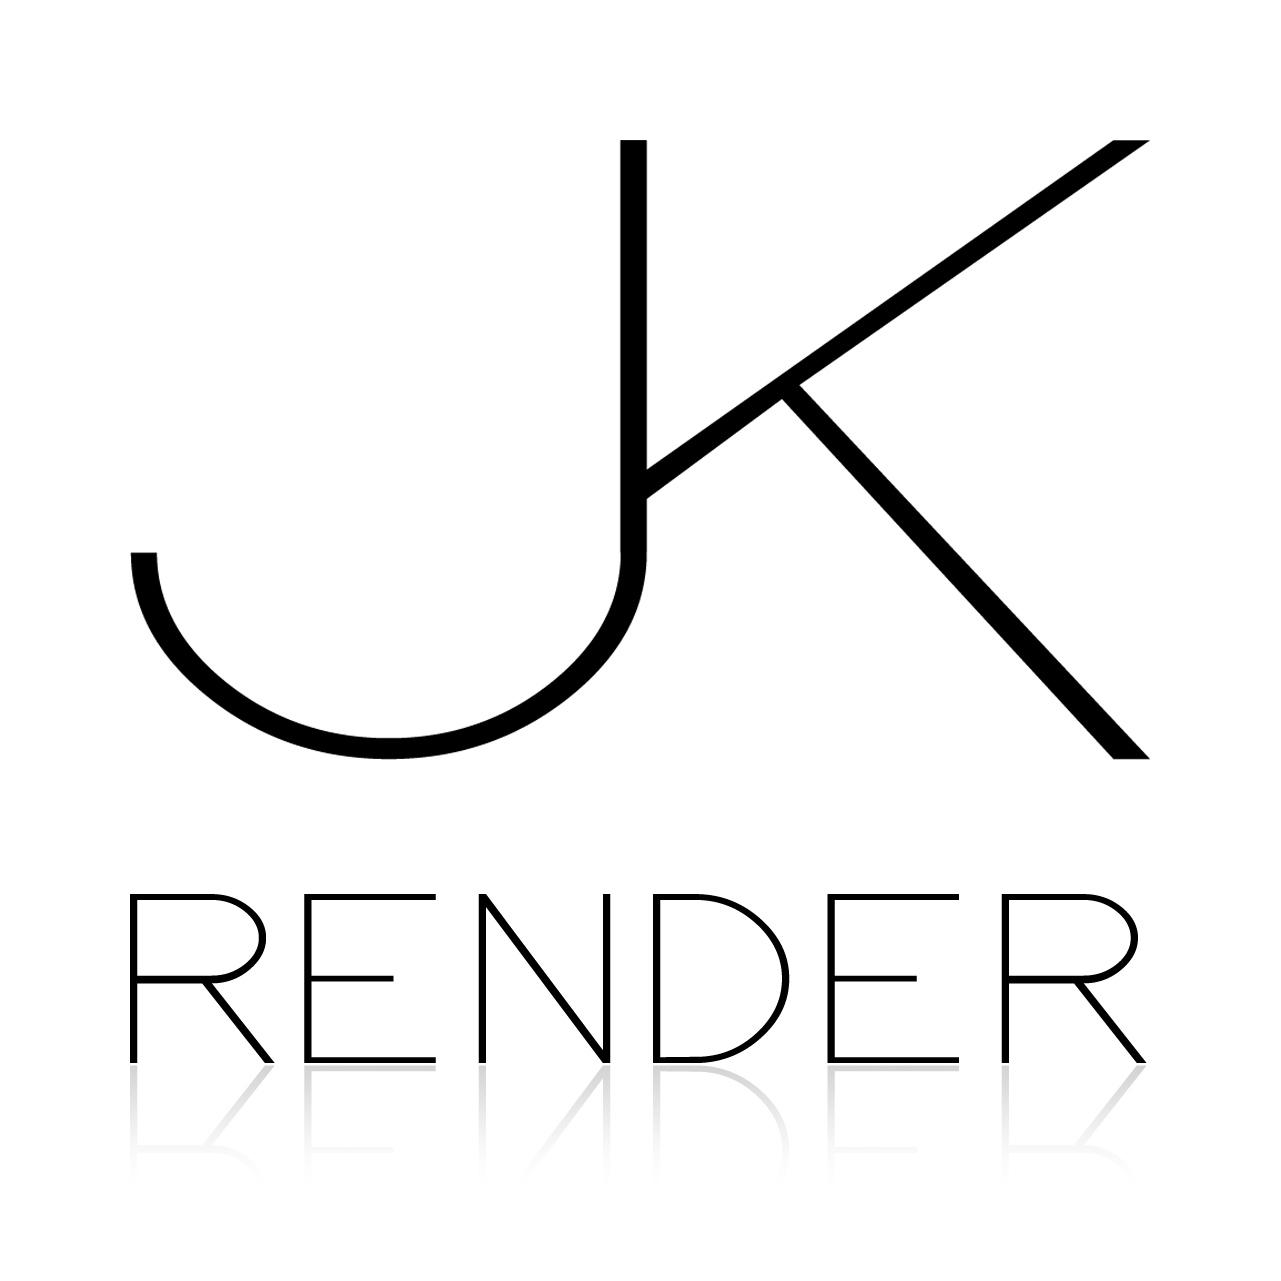 JK render is gespecialiseerd in het creëren van fotorealistische 3D visualisaties en 3D animaties op het gebied van, architectuur, product, aviation en character design